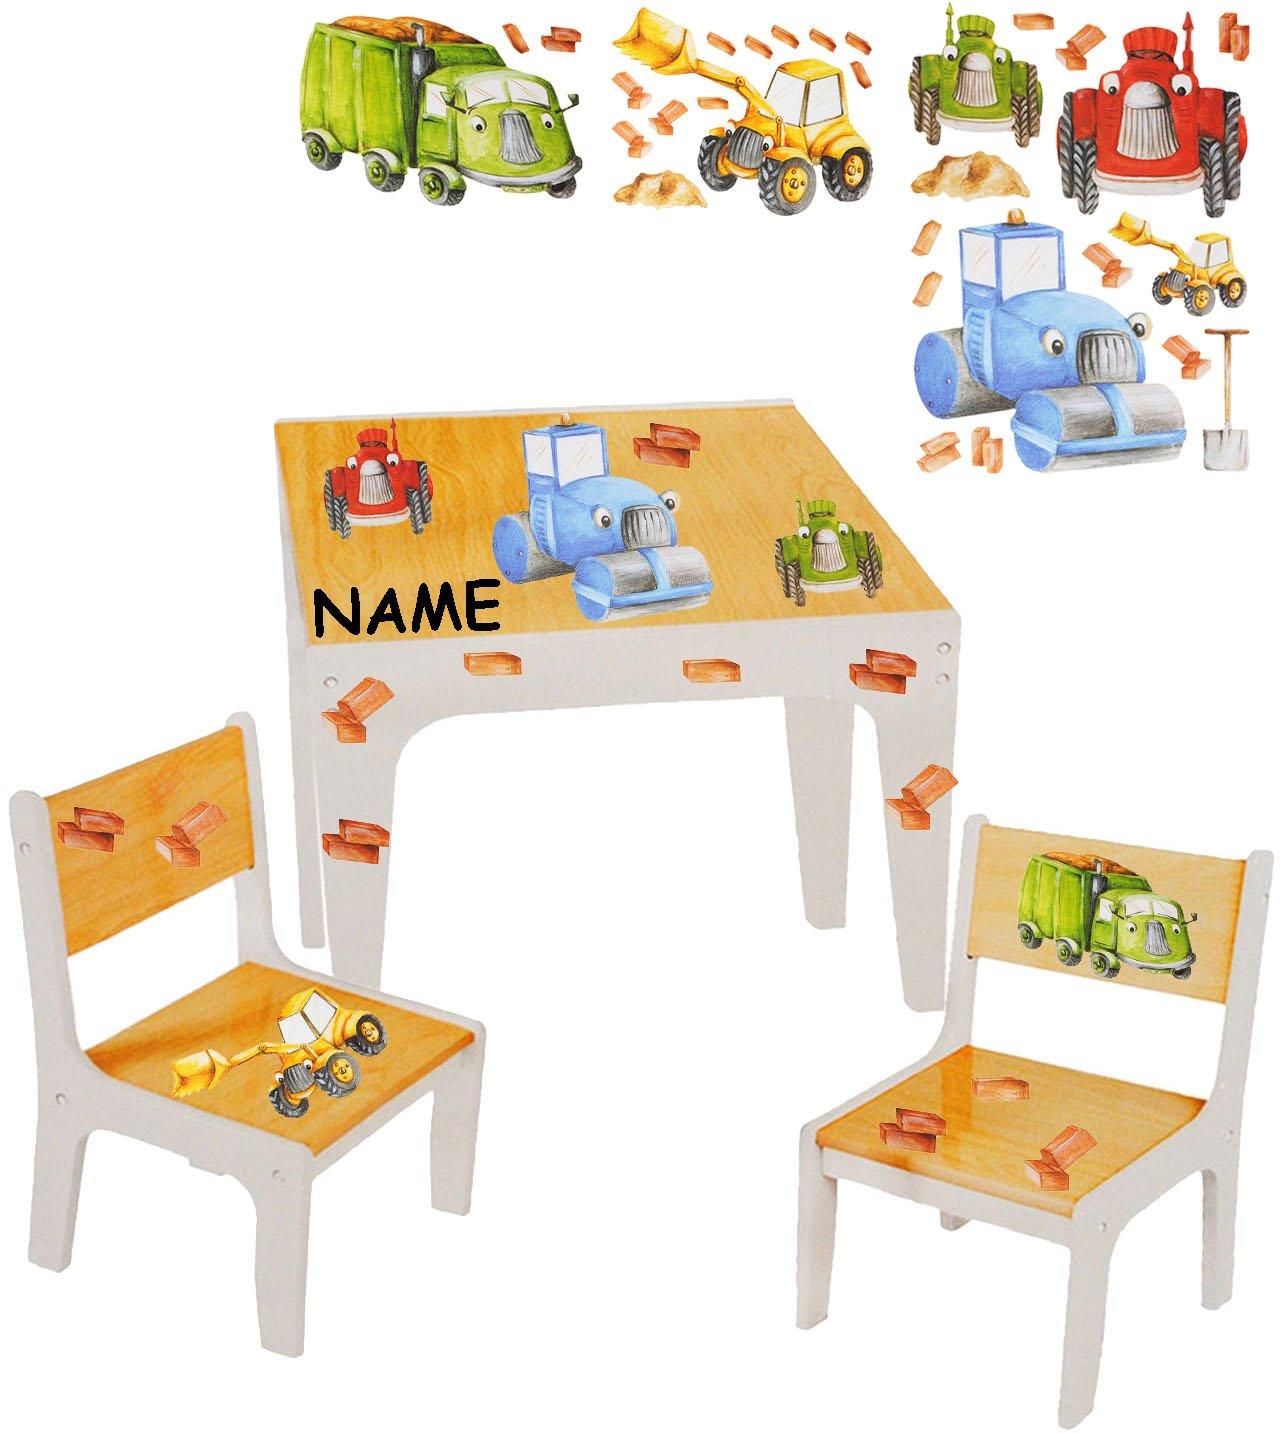 Unbekannt 3 TLG. Set  Sitzgruppe   Sitzgarnitur für Kinder - sehr stabiles Holz -  Bagger   Traktor & Auto  - incl. Name - Tisch + 2 Stühle   Kindermöbel für Jungen &..